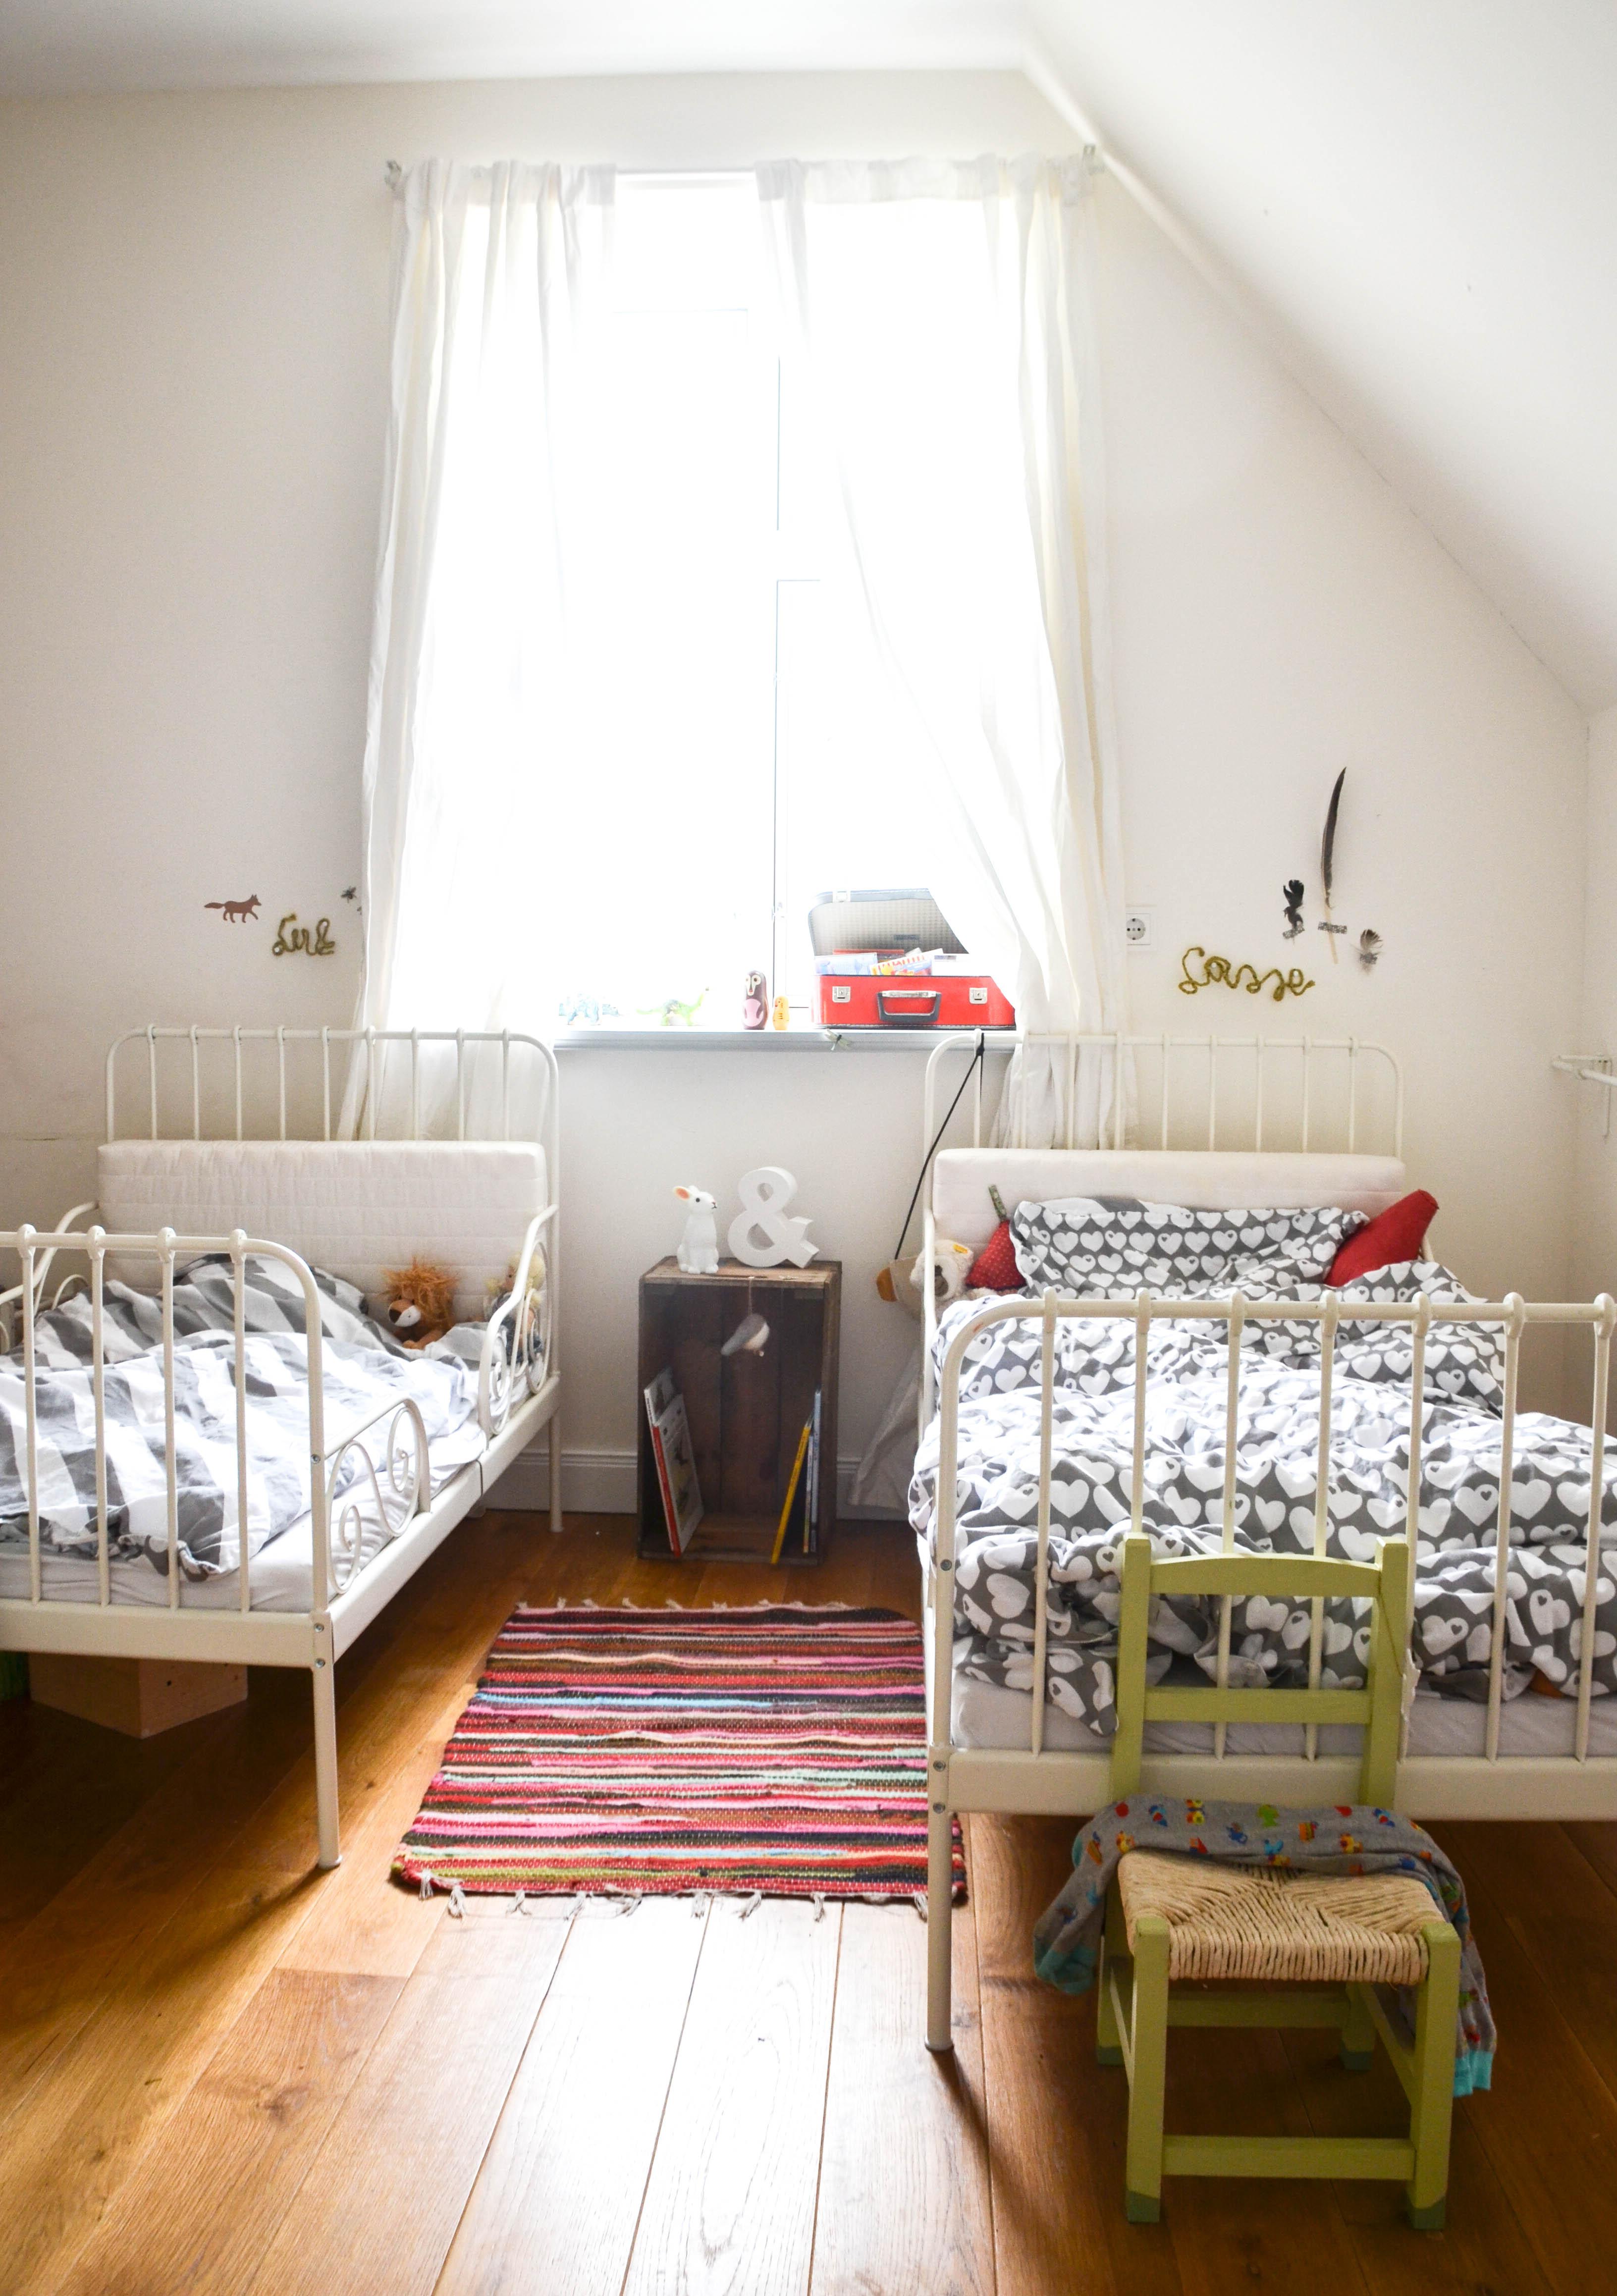 Ein neuer Mitbewohner im Kinderschlafzimmer - wasfürmich